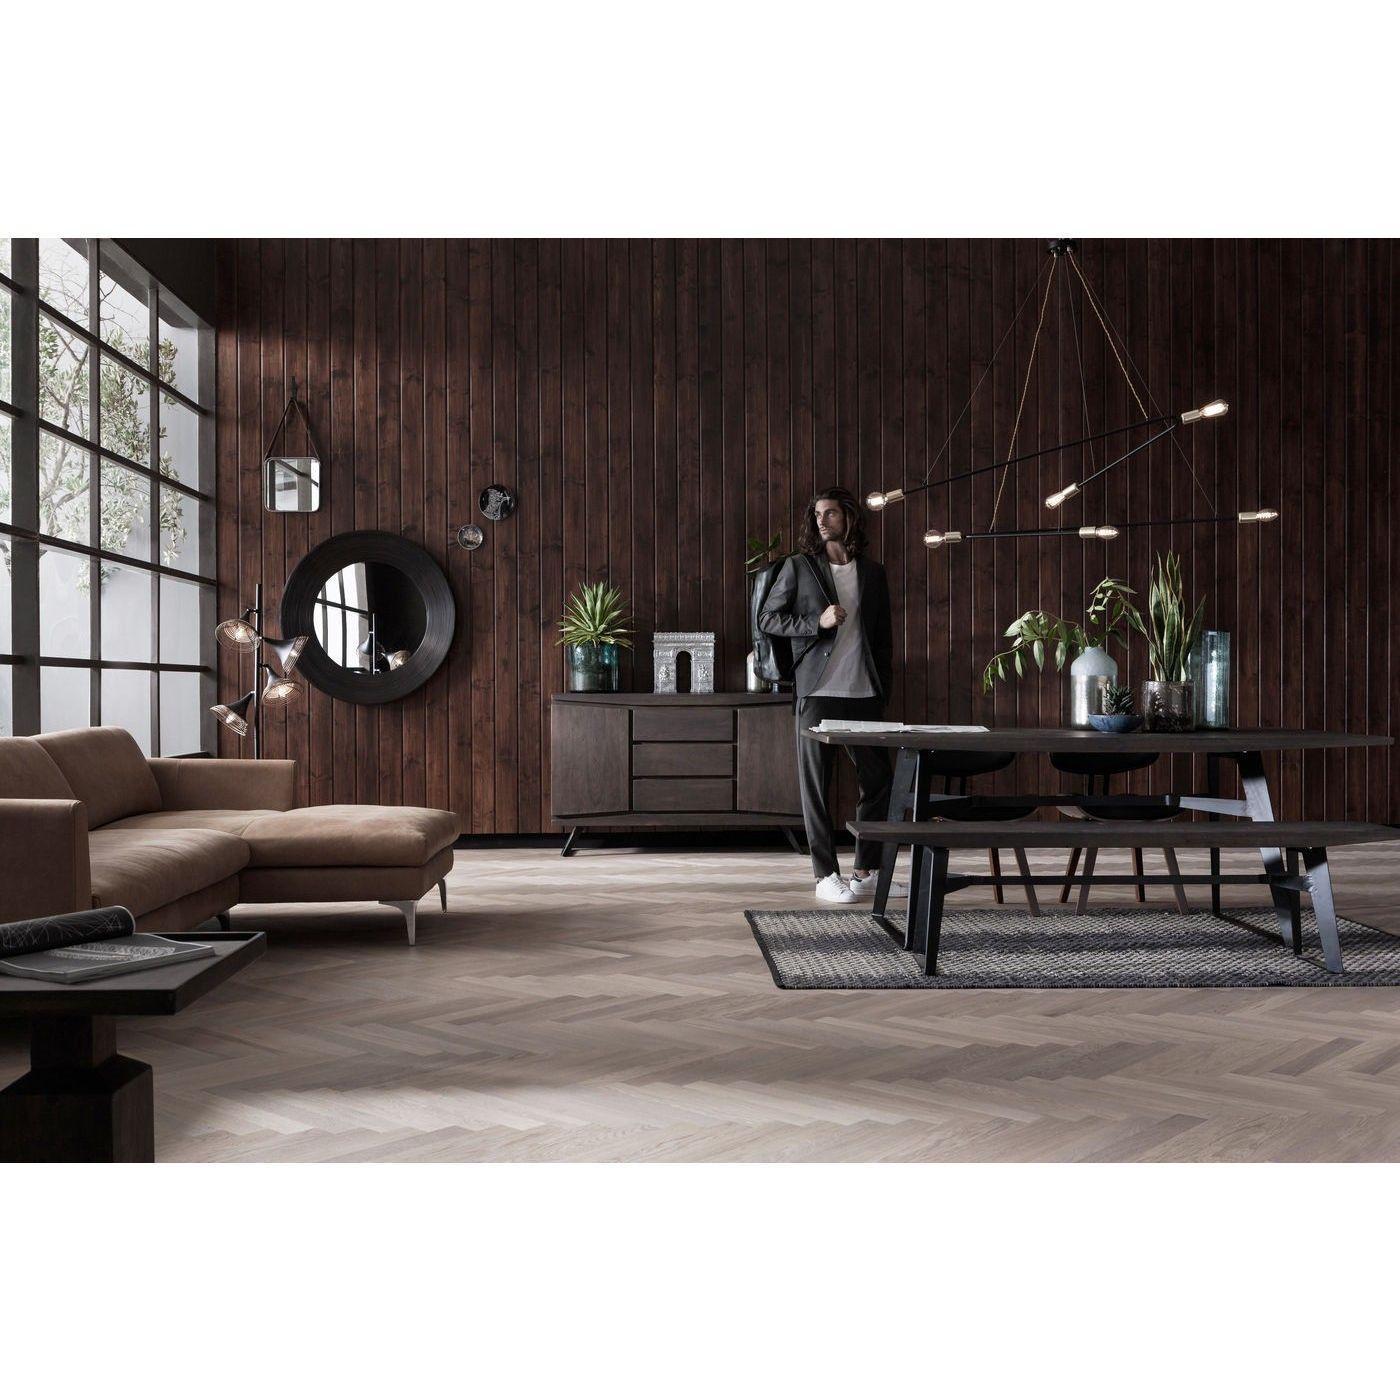 Ausergewohnliche klassische mobel carpanelli  Tisch Graham 200x100cm - - KARE Design | Tisch | Pinterest | Tisch